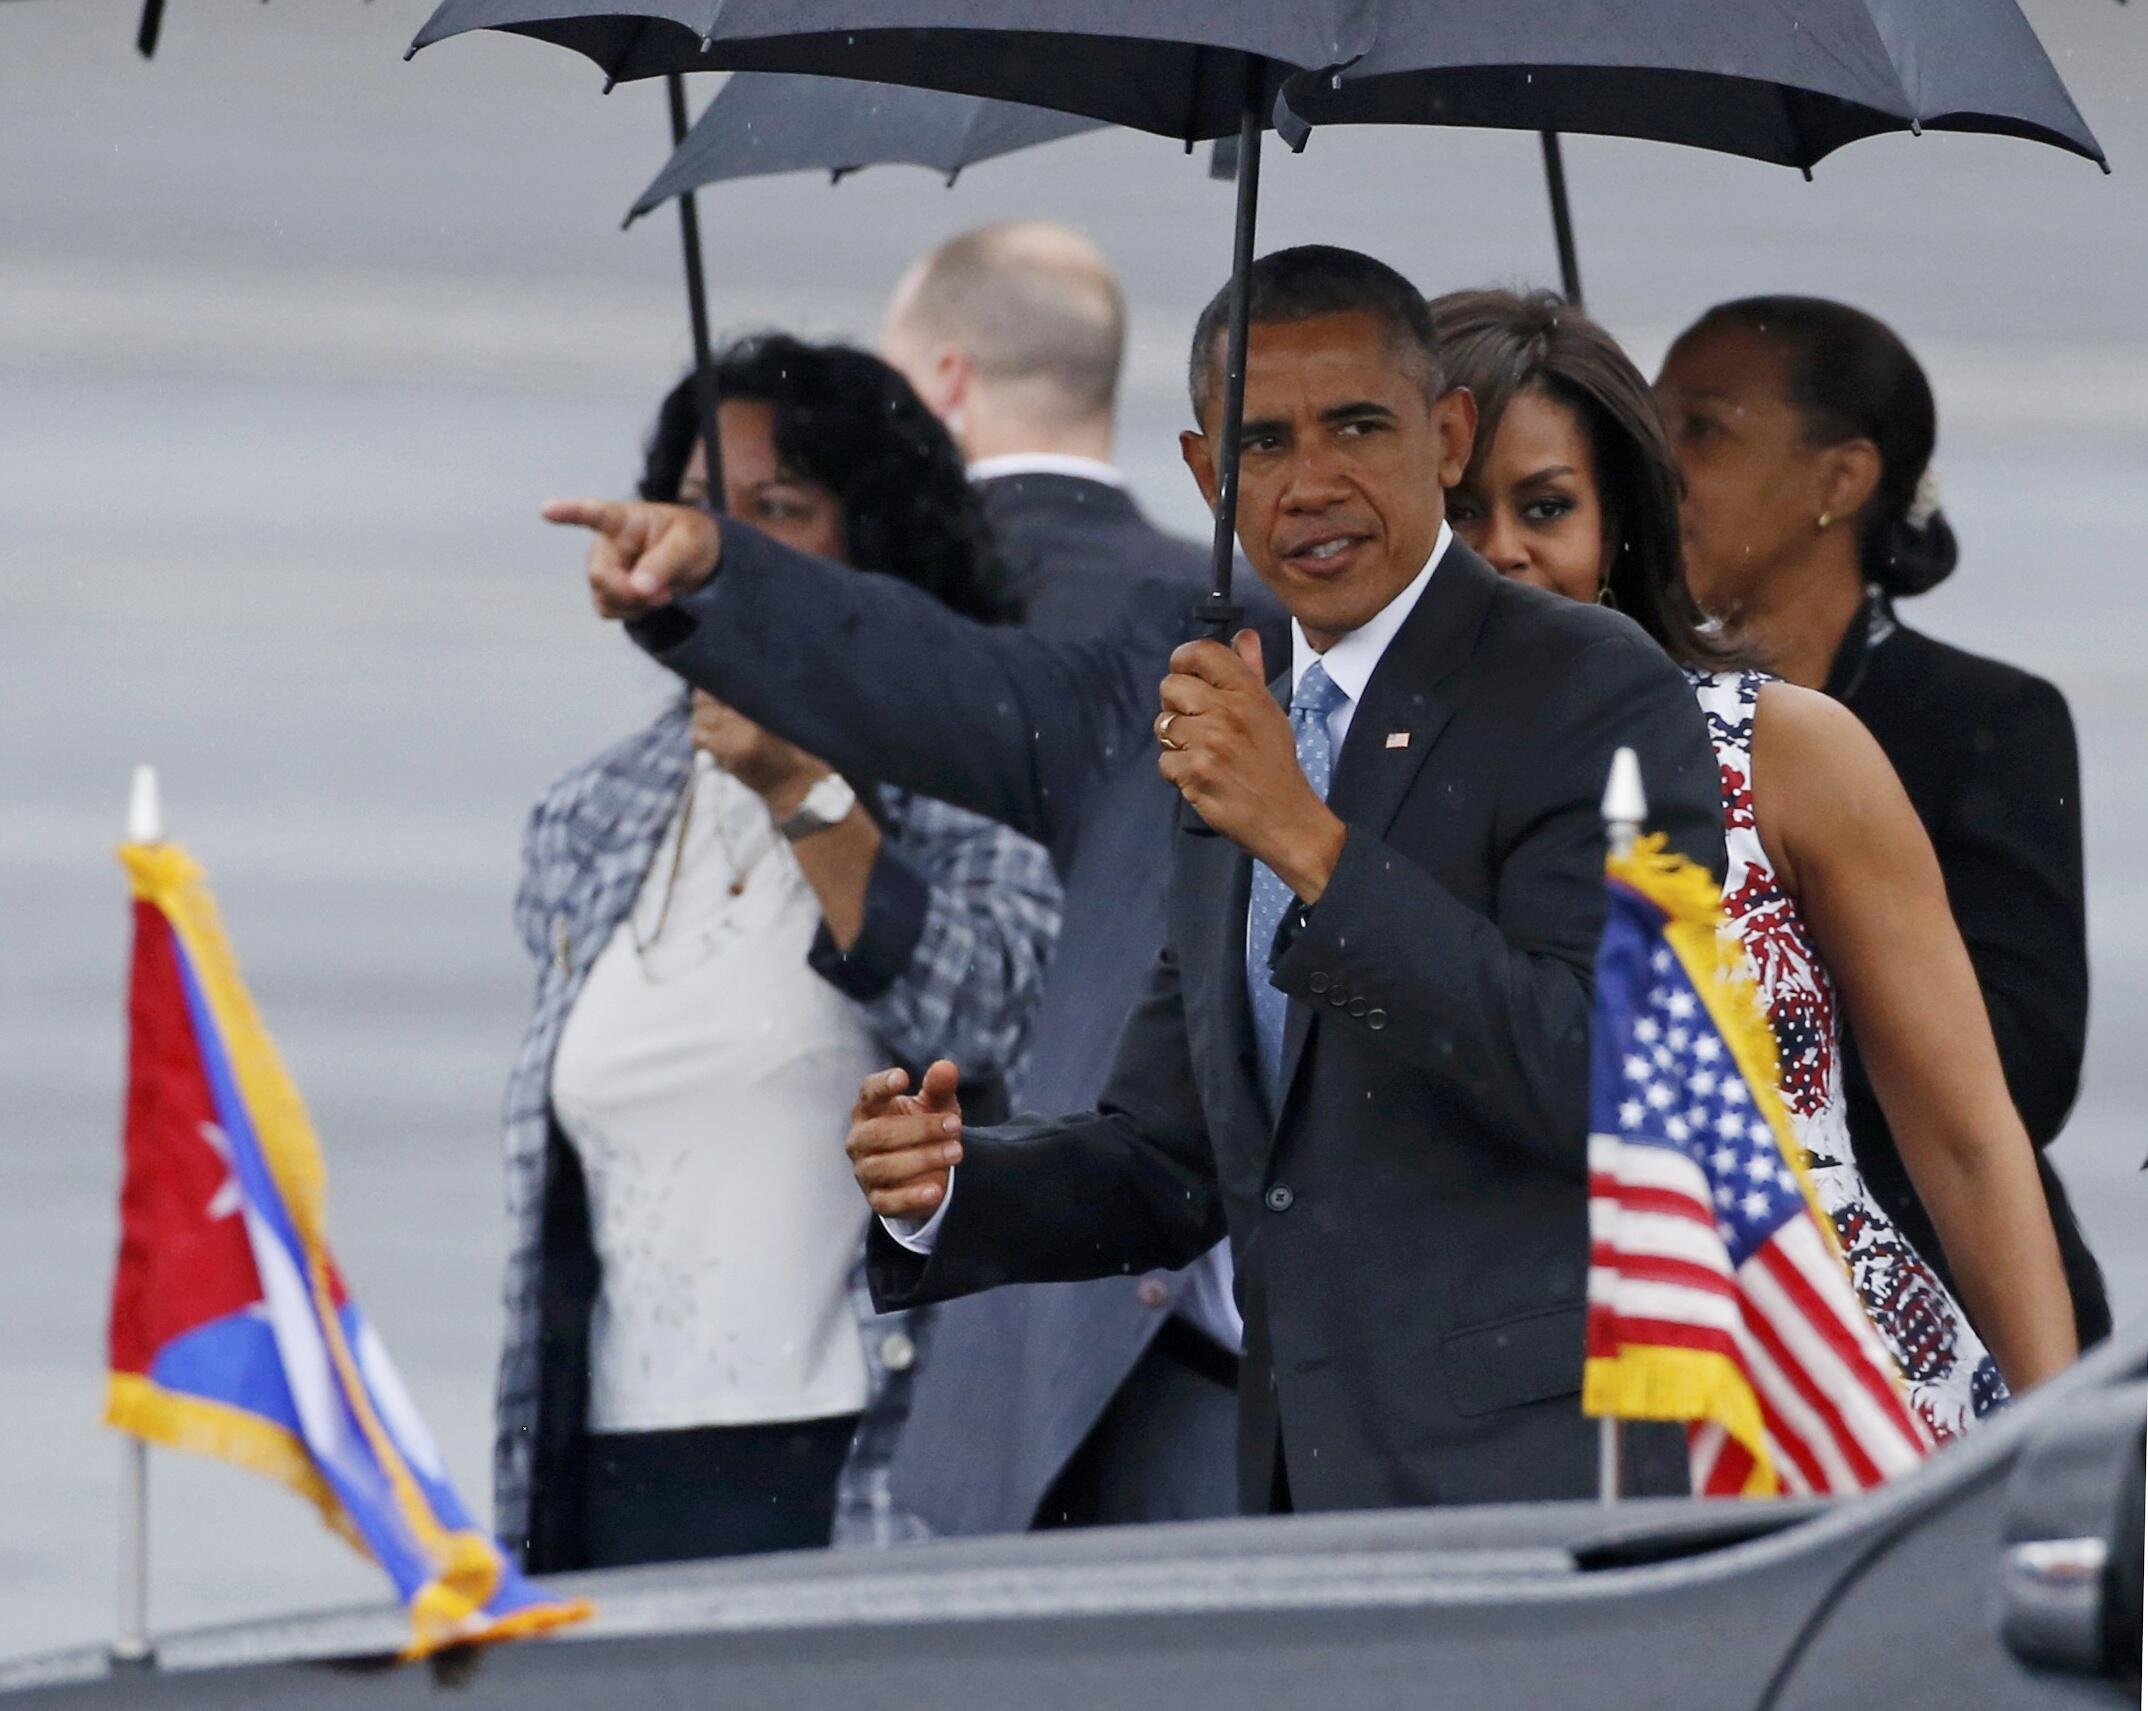 El presidente de EEUU Barack Obama al llegar a La Habana el 20 de marzo de 2016.